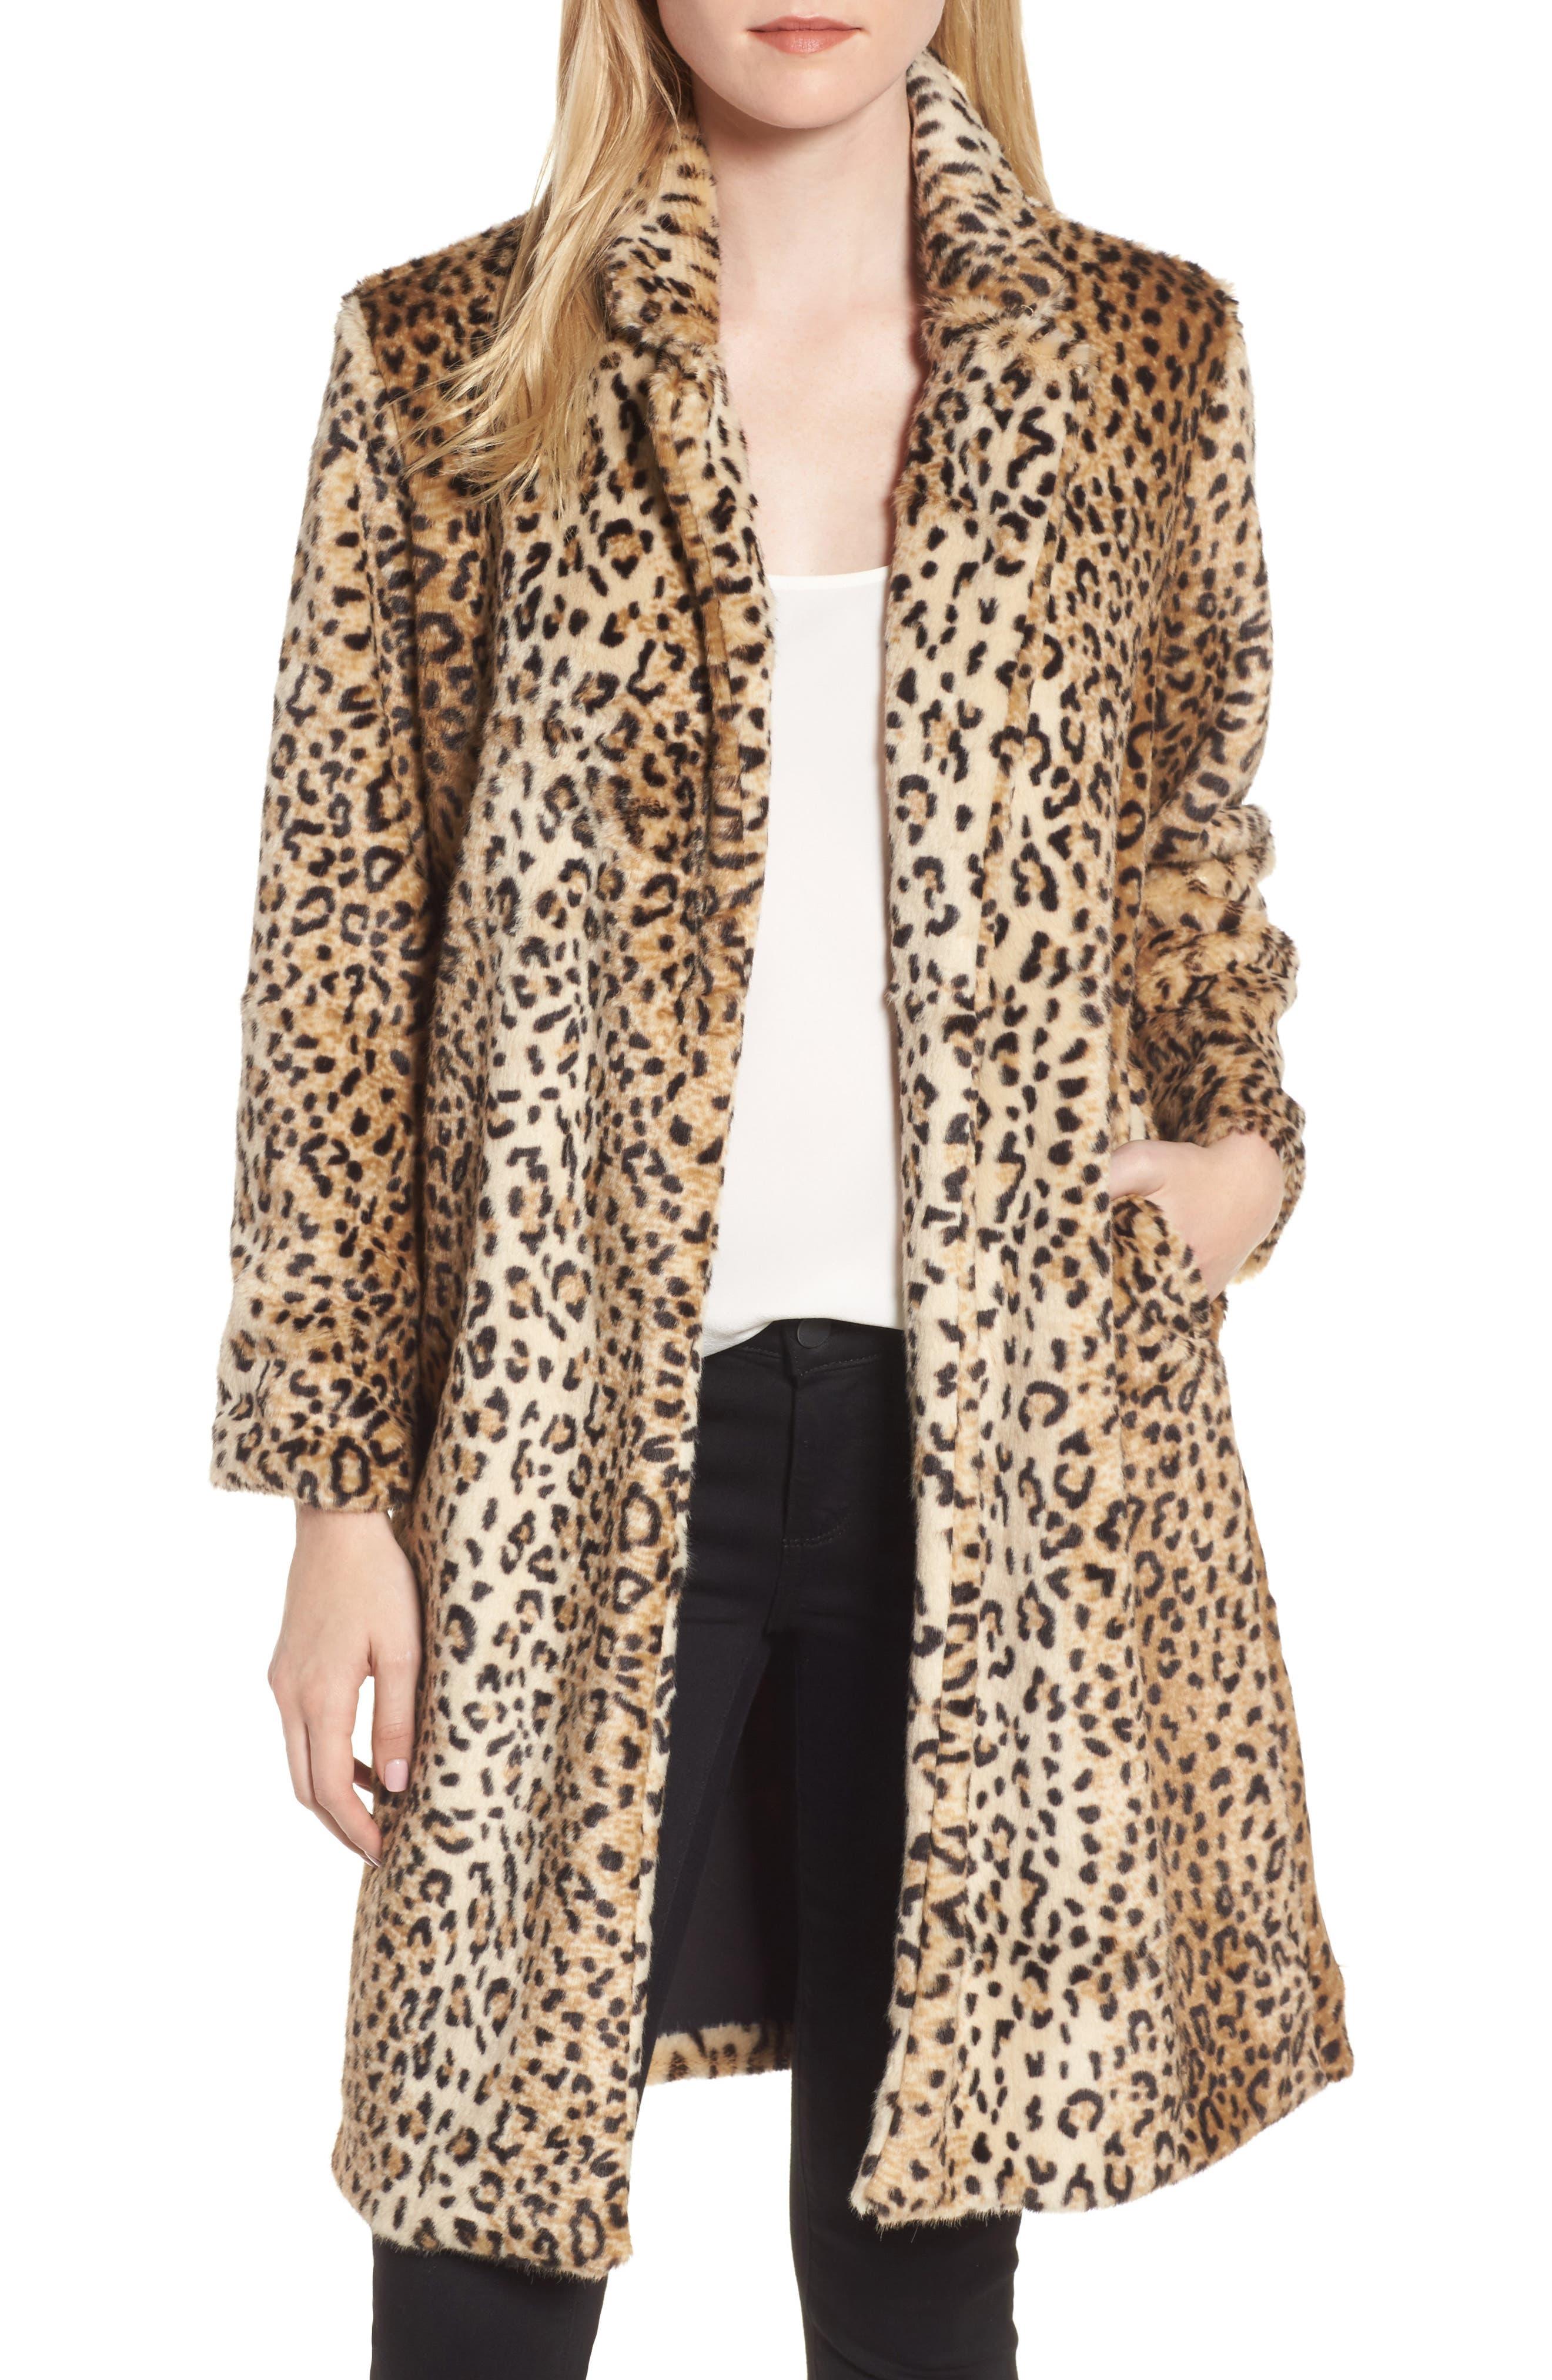 Main Image - Chelsea28 Leopard Print Faux Fur Jacket